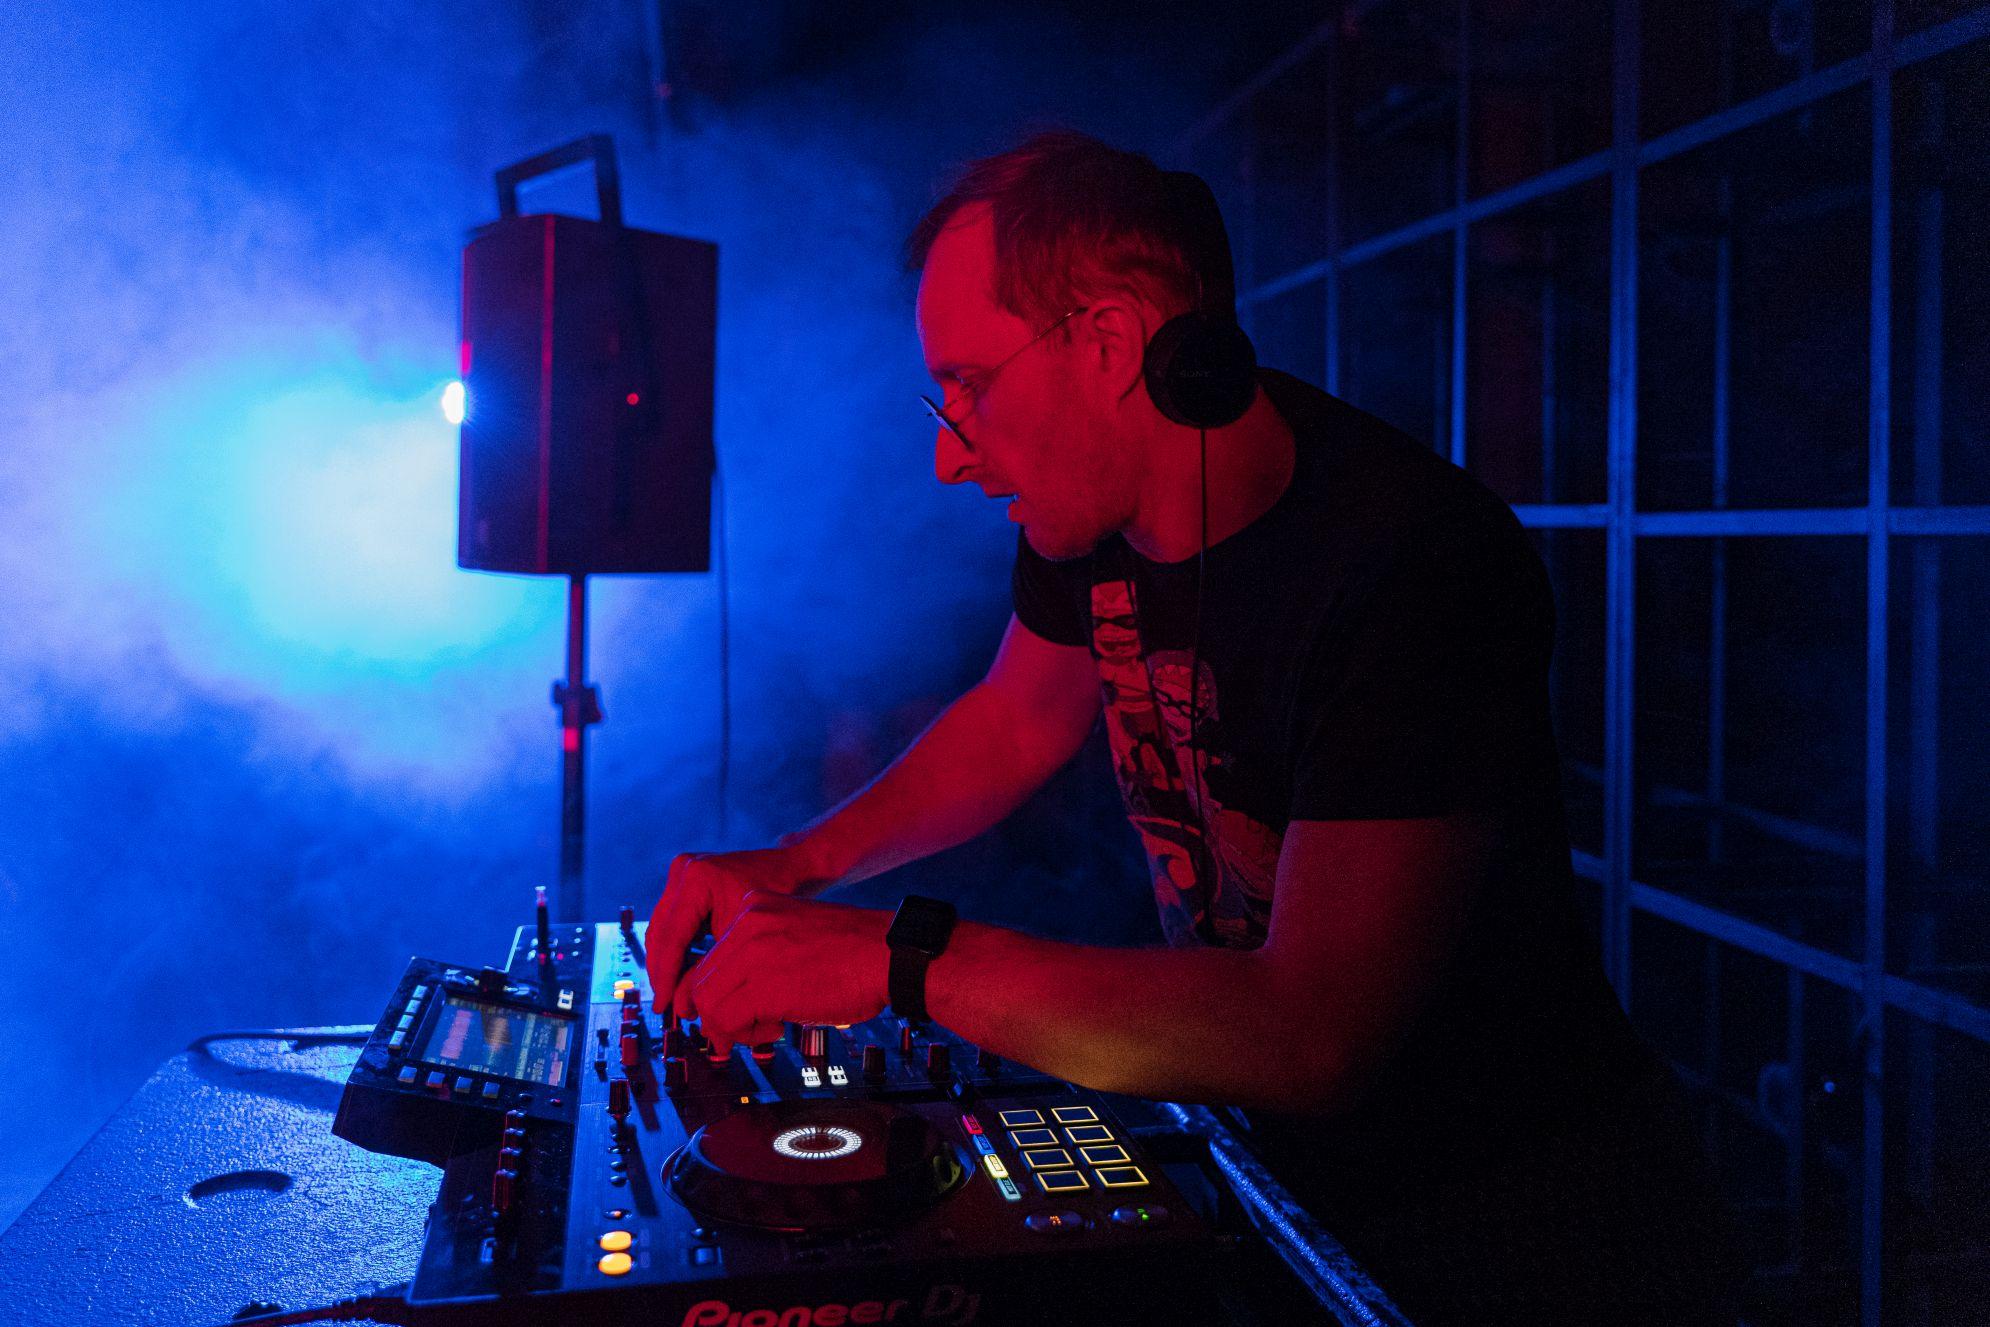 Groja prie DJ pulto.